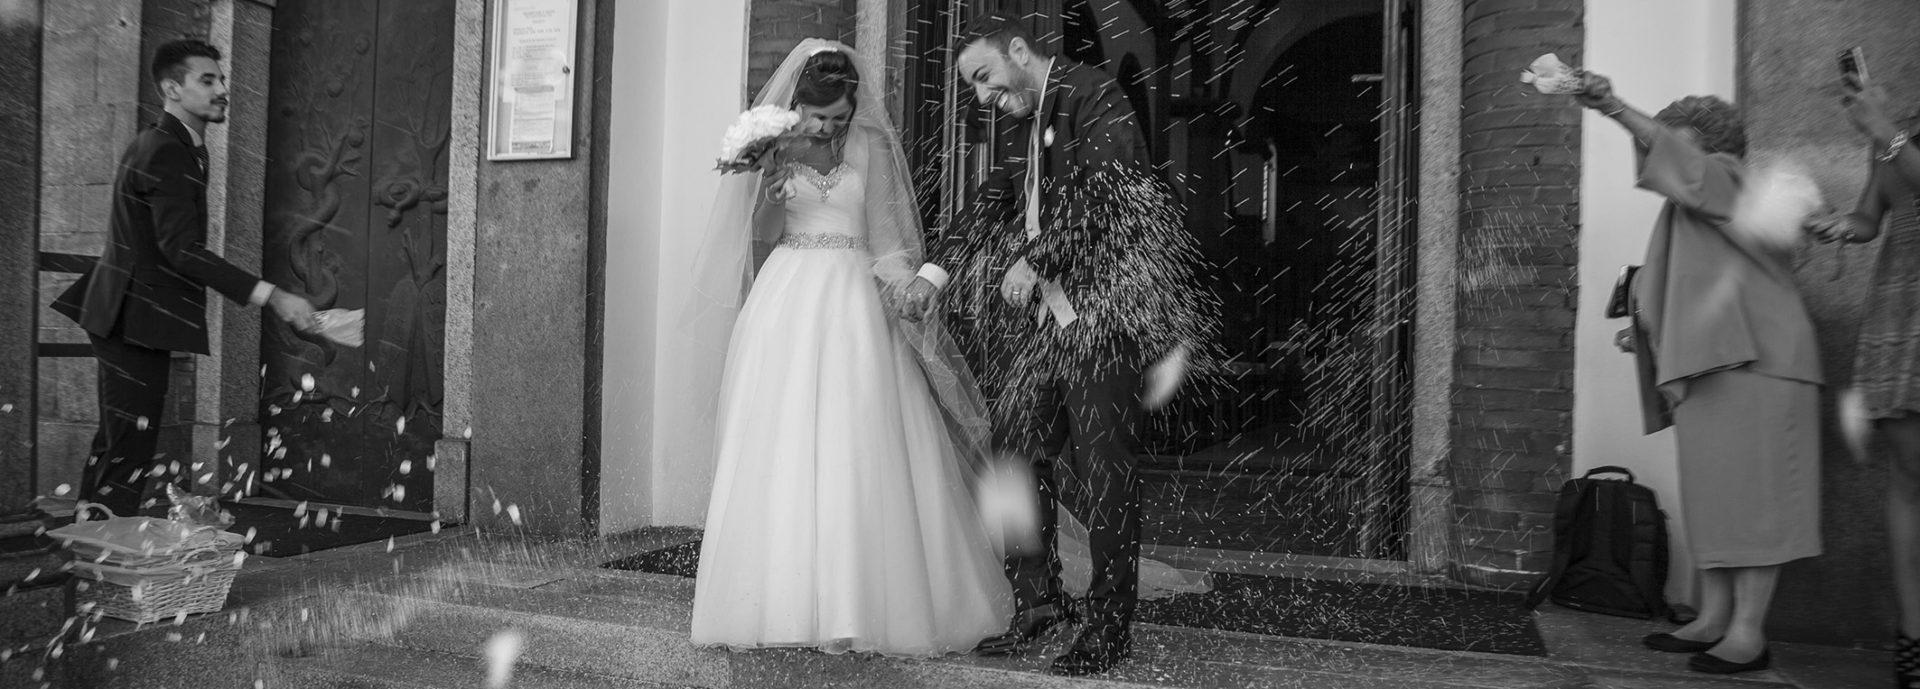 Andrea Colombo Lozza - Fotografo di matrimoni